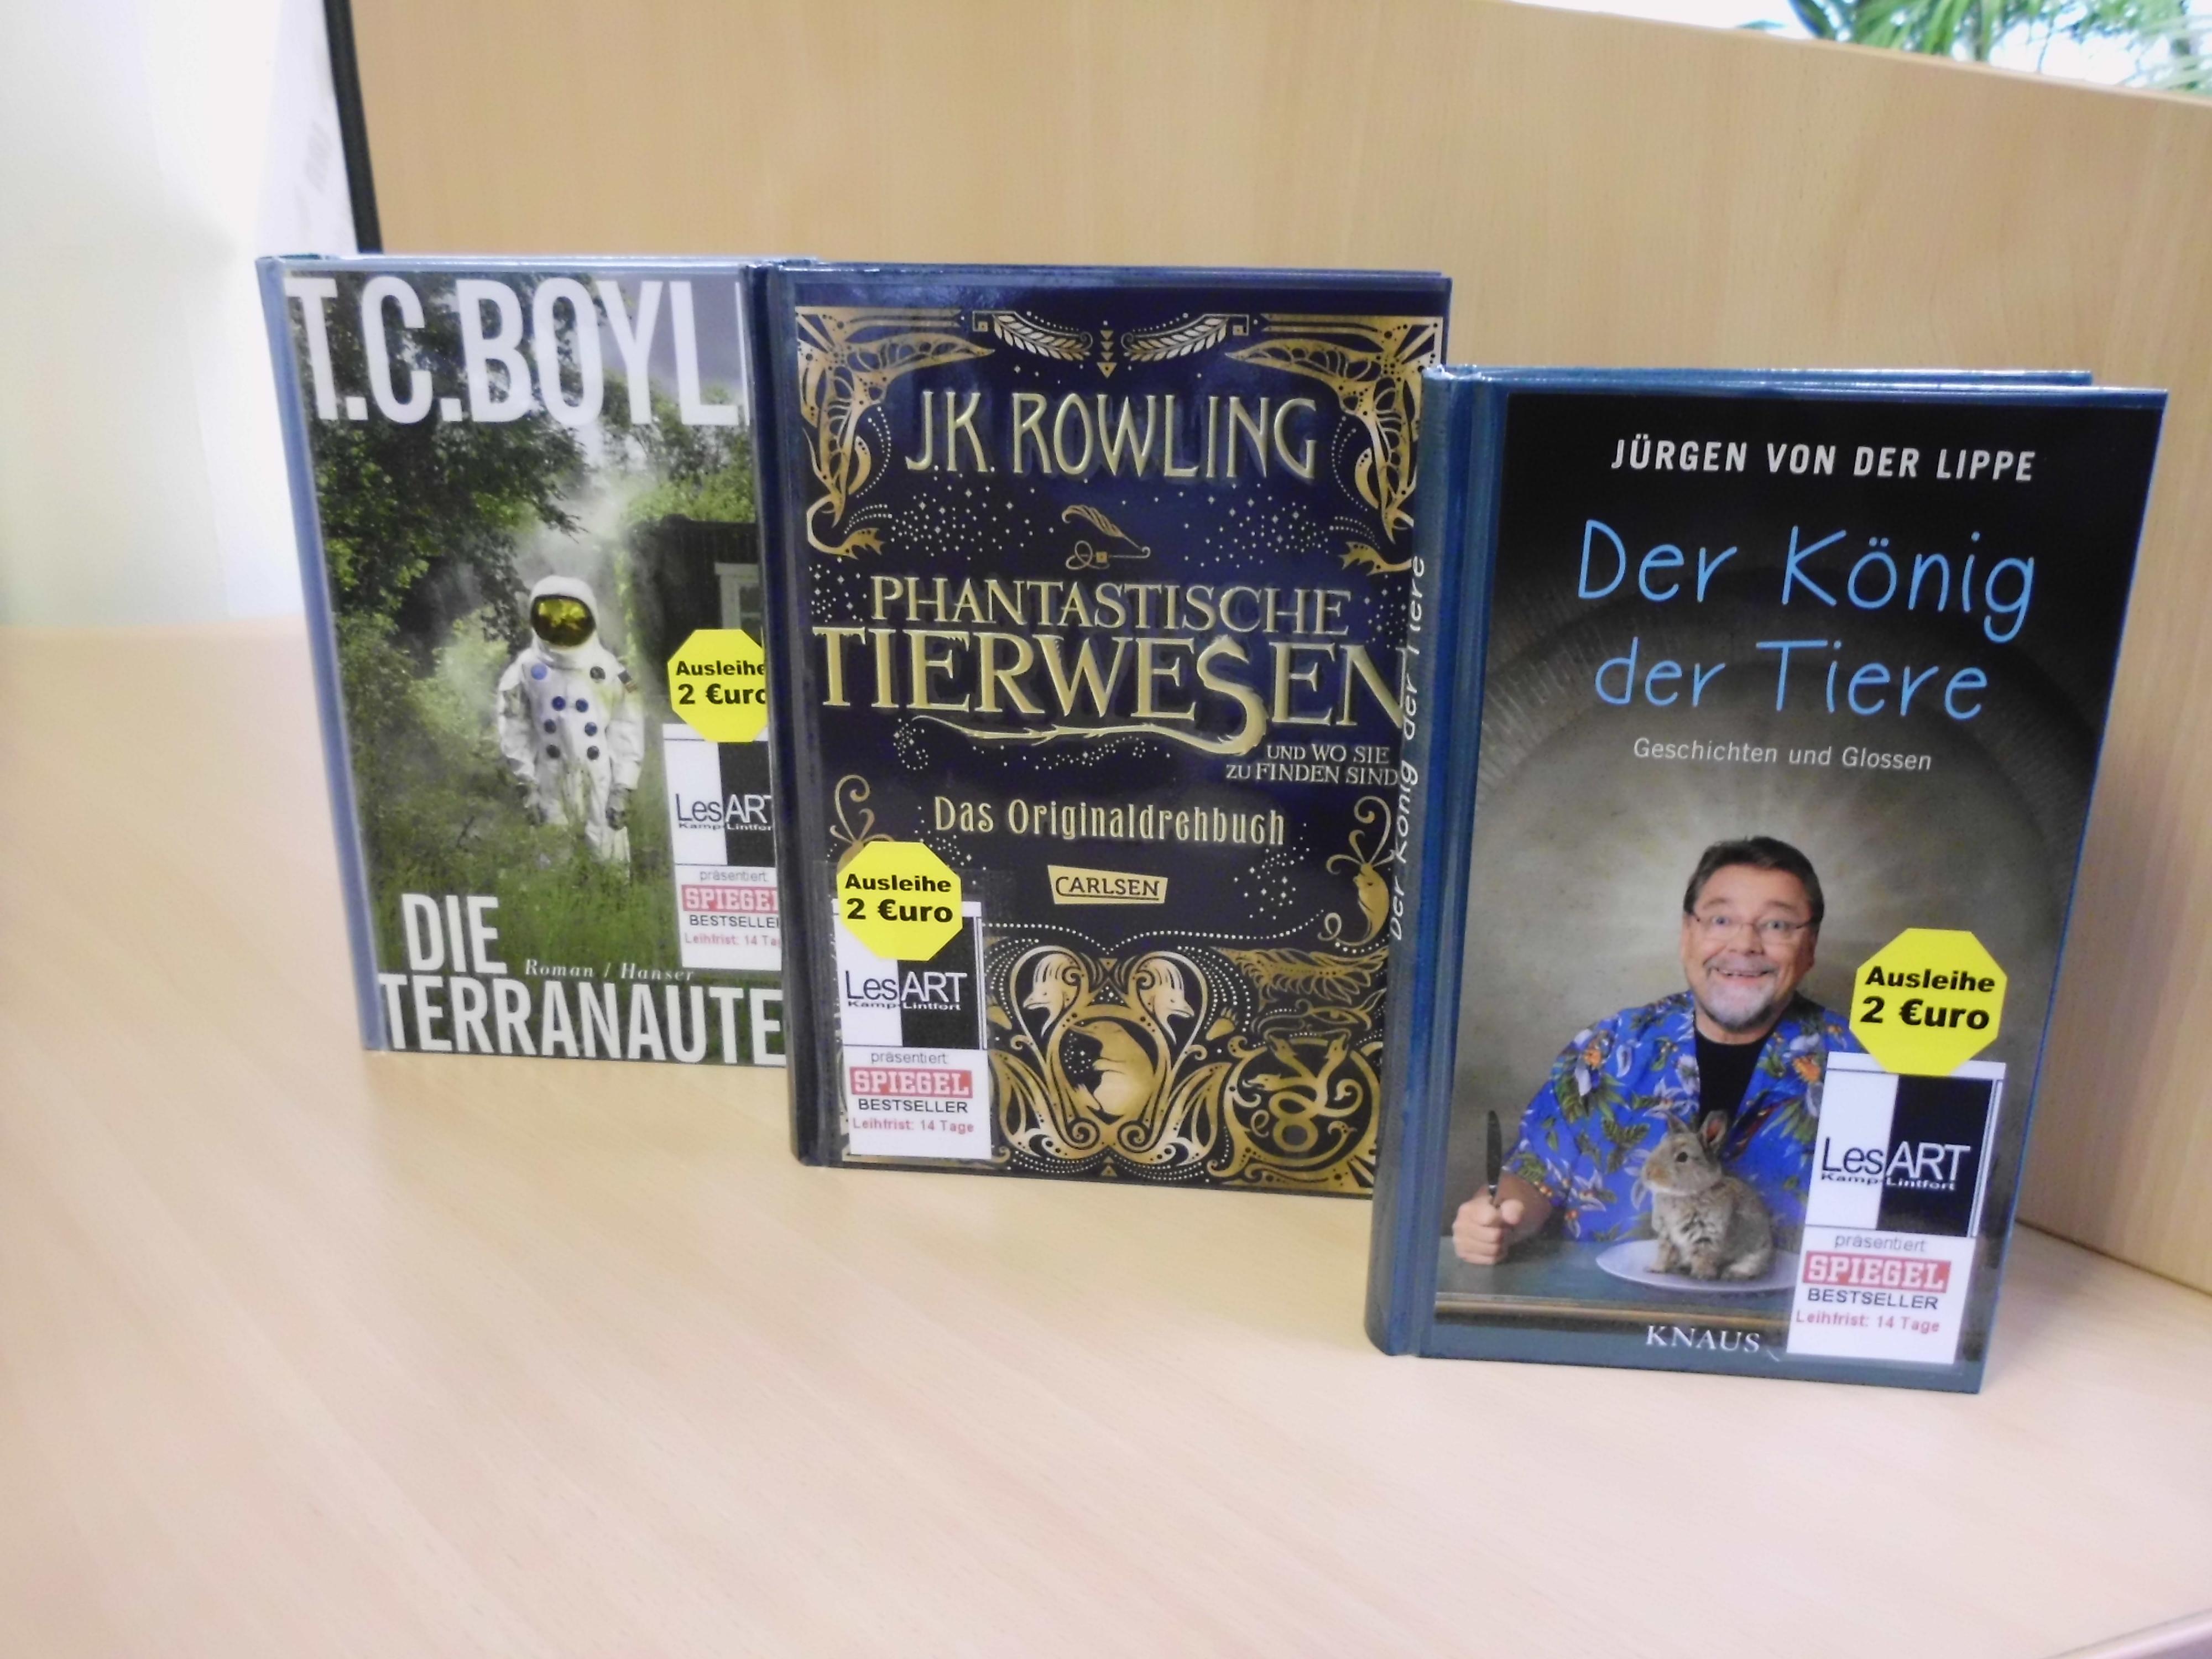 Bestseller Boyle, Rowling, von der Lippe